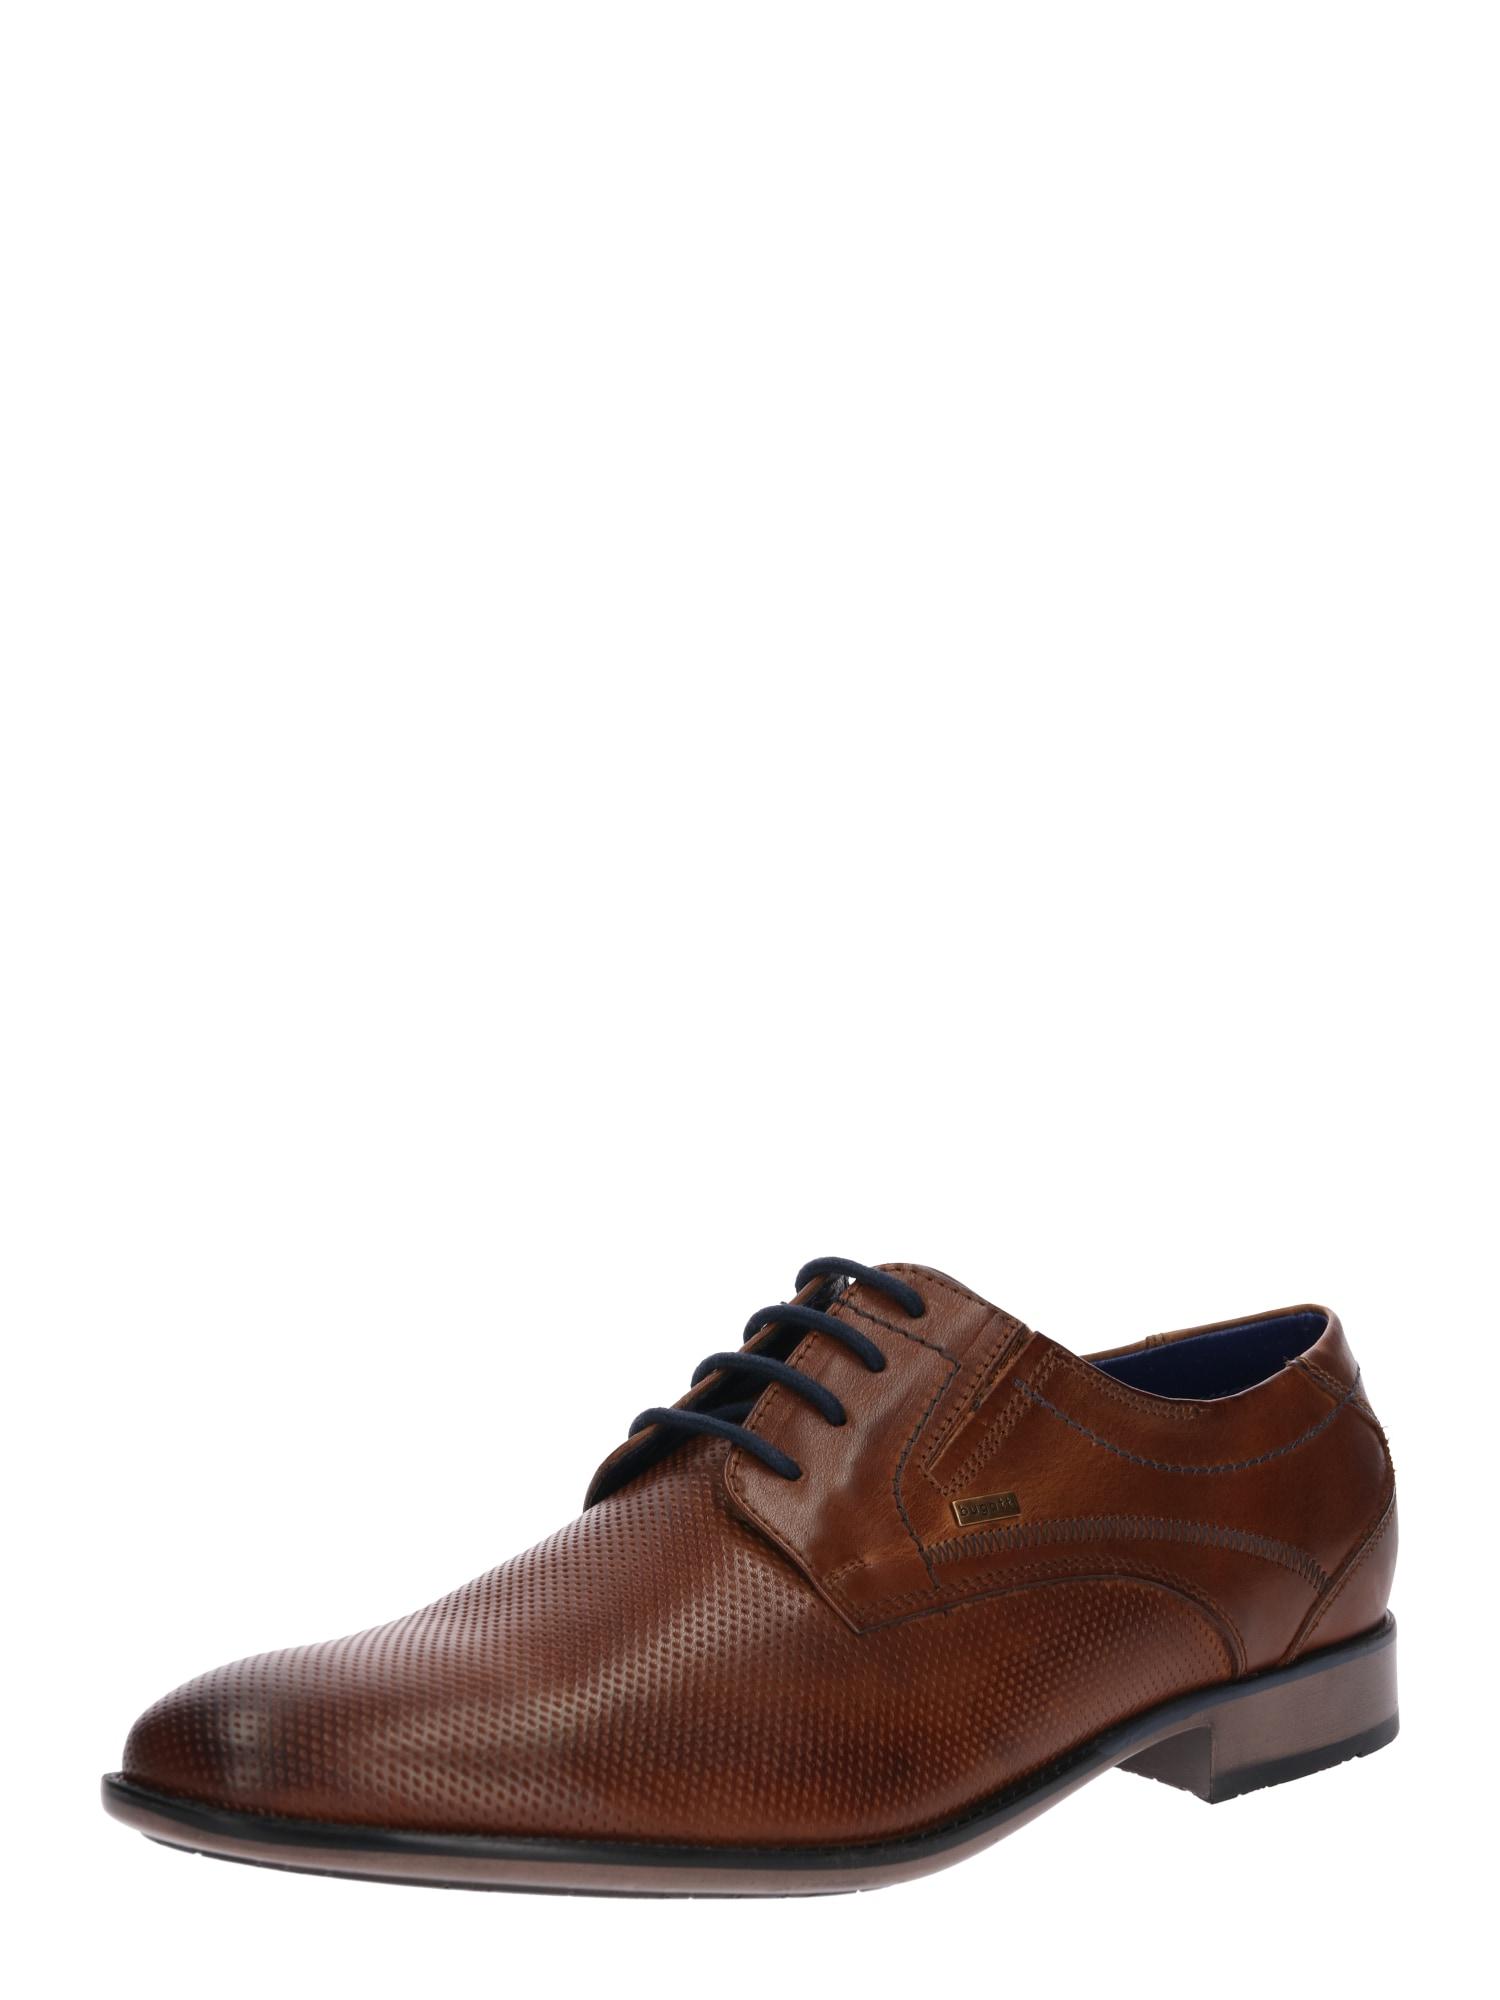 Šněrovací boty Gaspare-L koňaková Bugatti